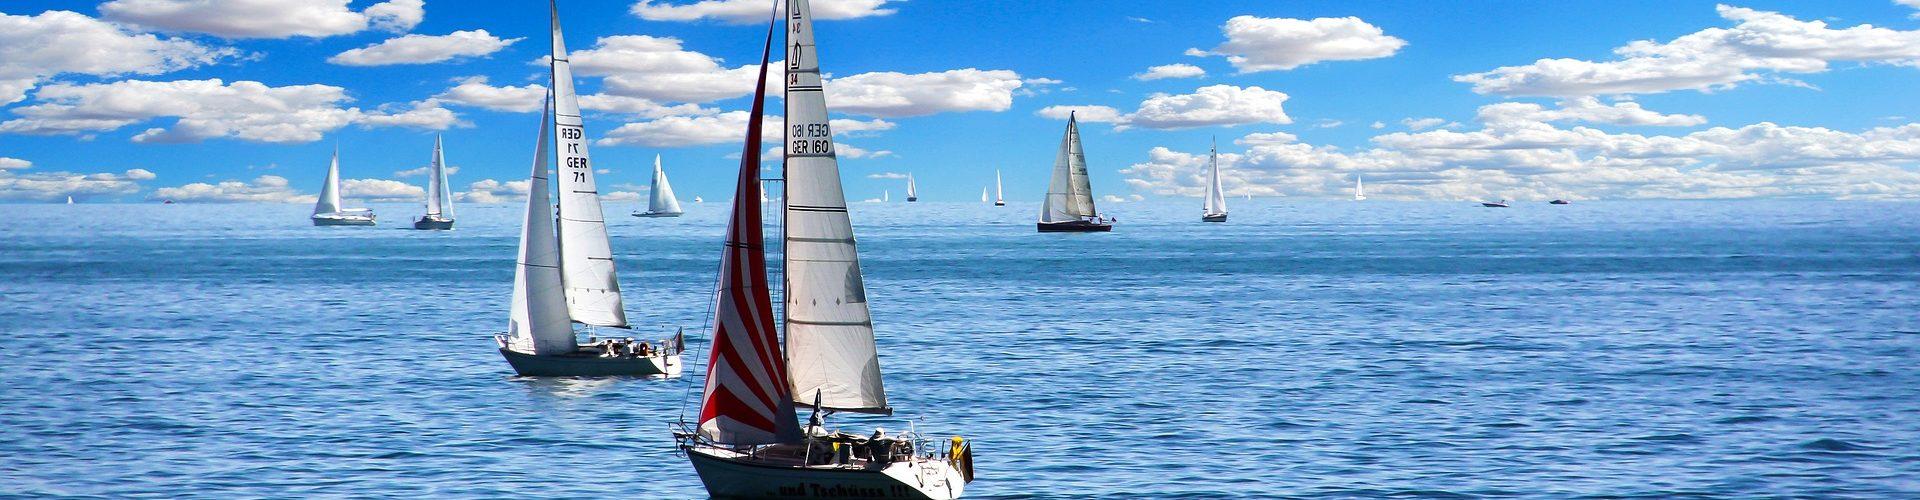 segeln lernen in Ebringen segelschein machen in Ebringen 1920x500 - Segeln lernen in Ebringen